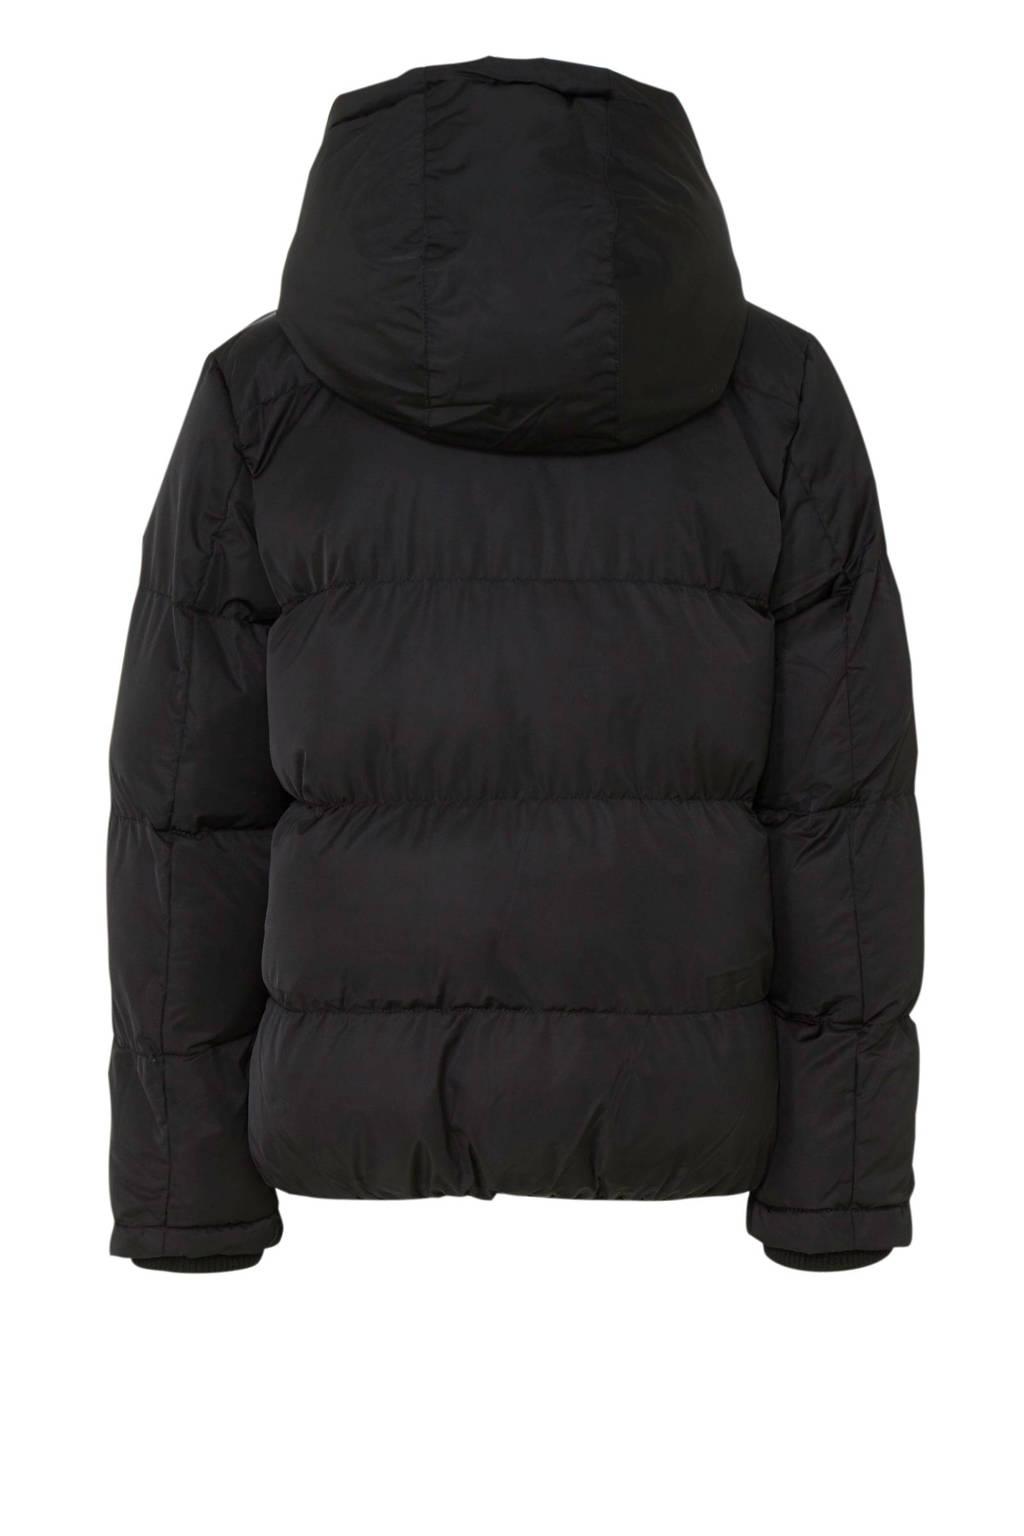 Cars winterjas Nicolet zwart, Zwart